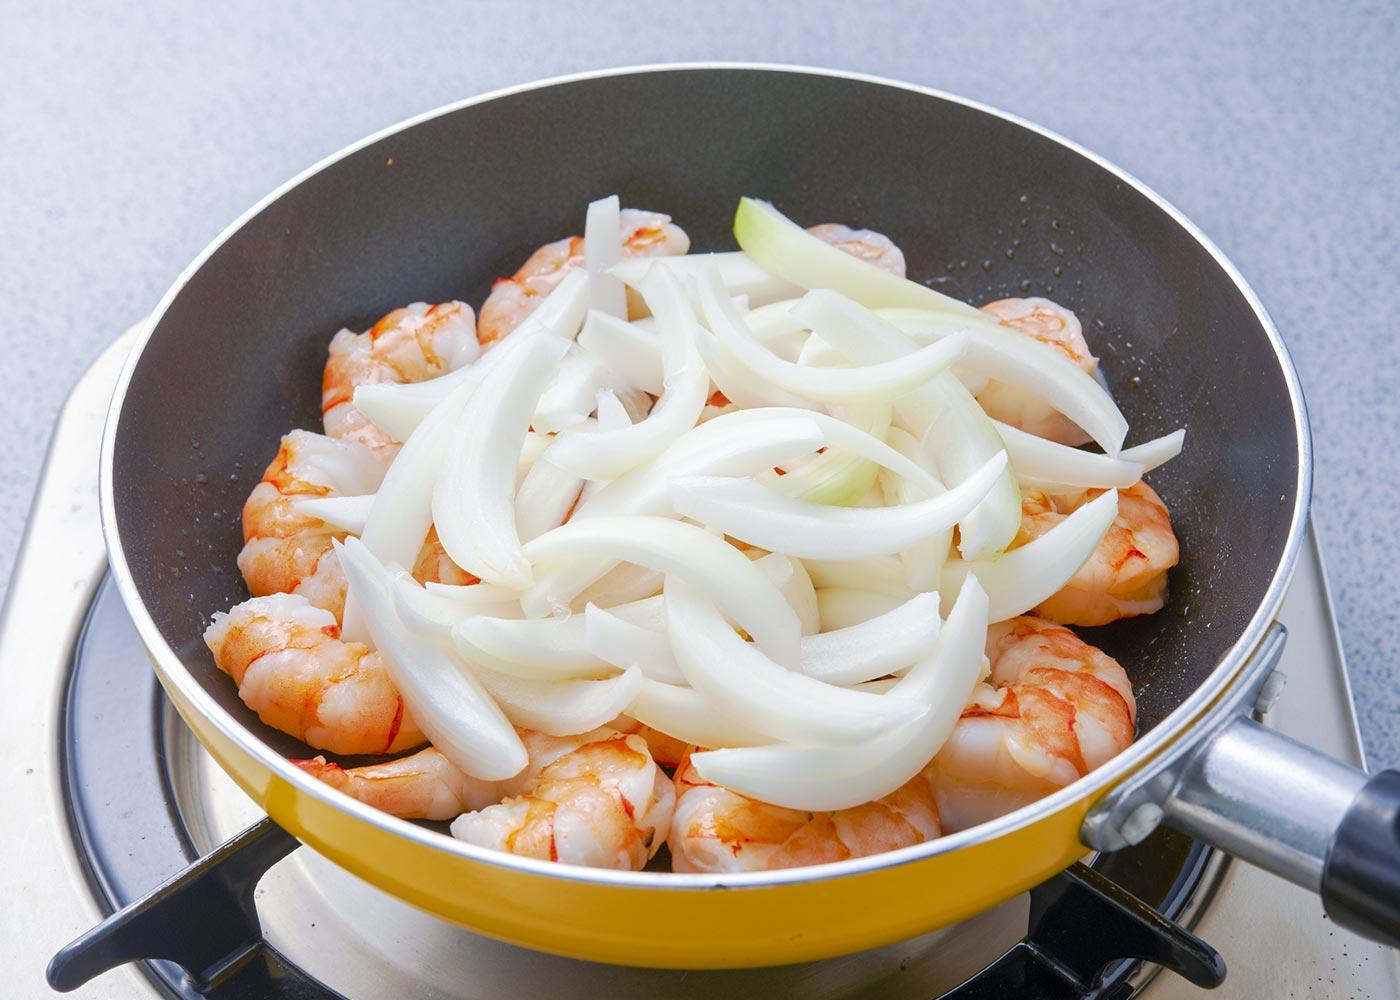 フライパンを温め、サラダ油を流し、えびを並べ入れ、玉ねぎを加える。